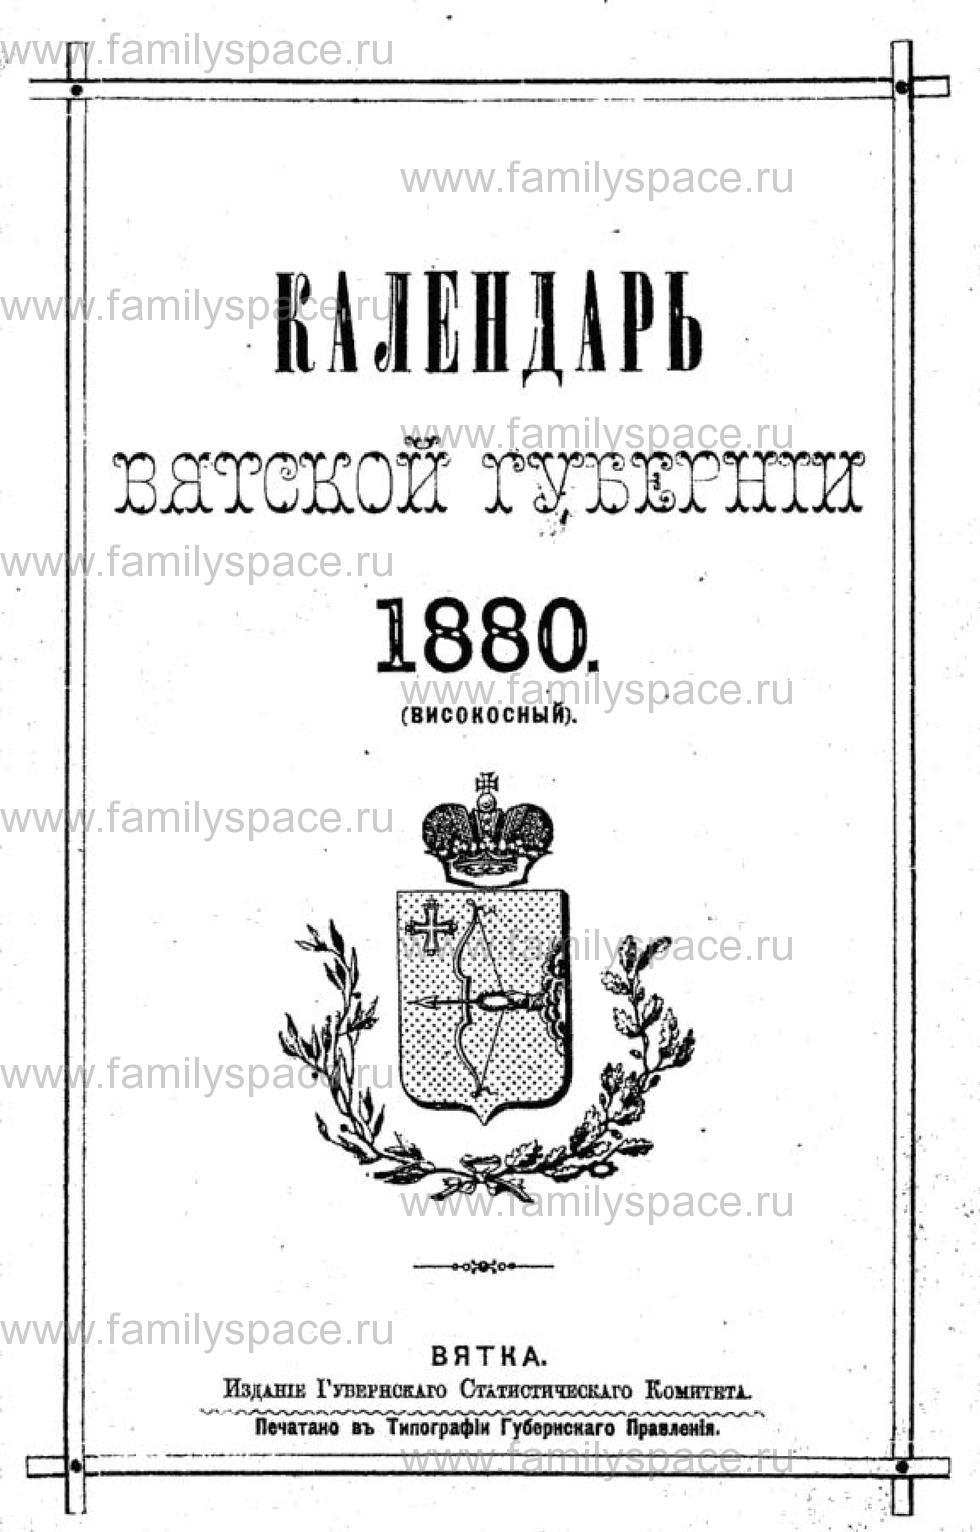 Поиск по фамилии - Календарь Вятской губернии - 1880, страница 1